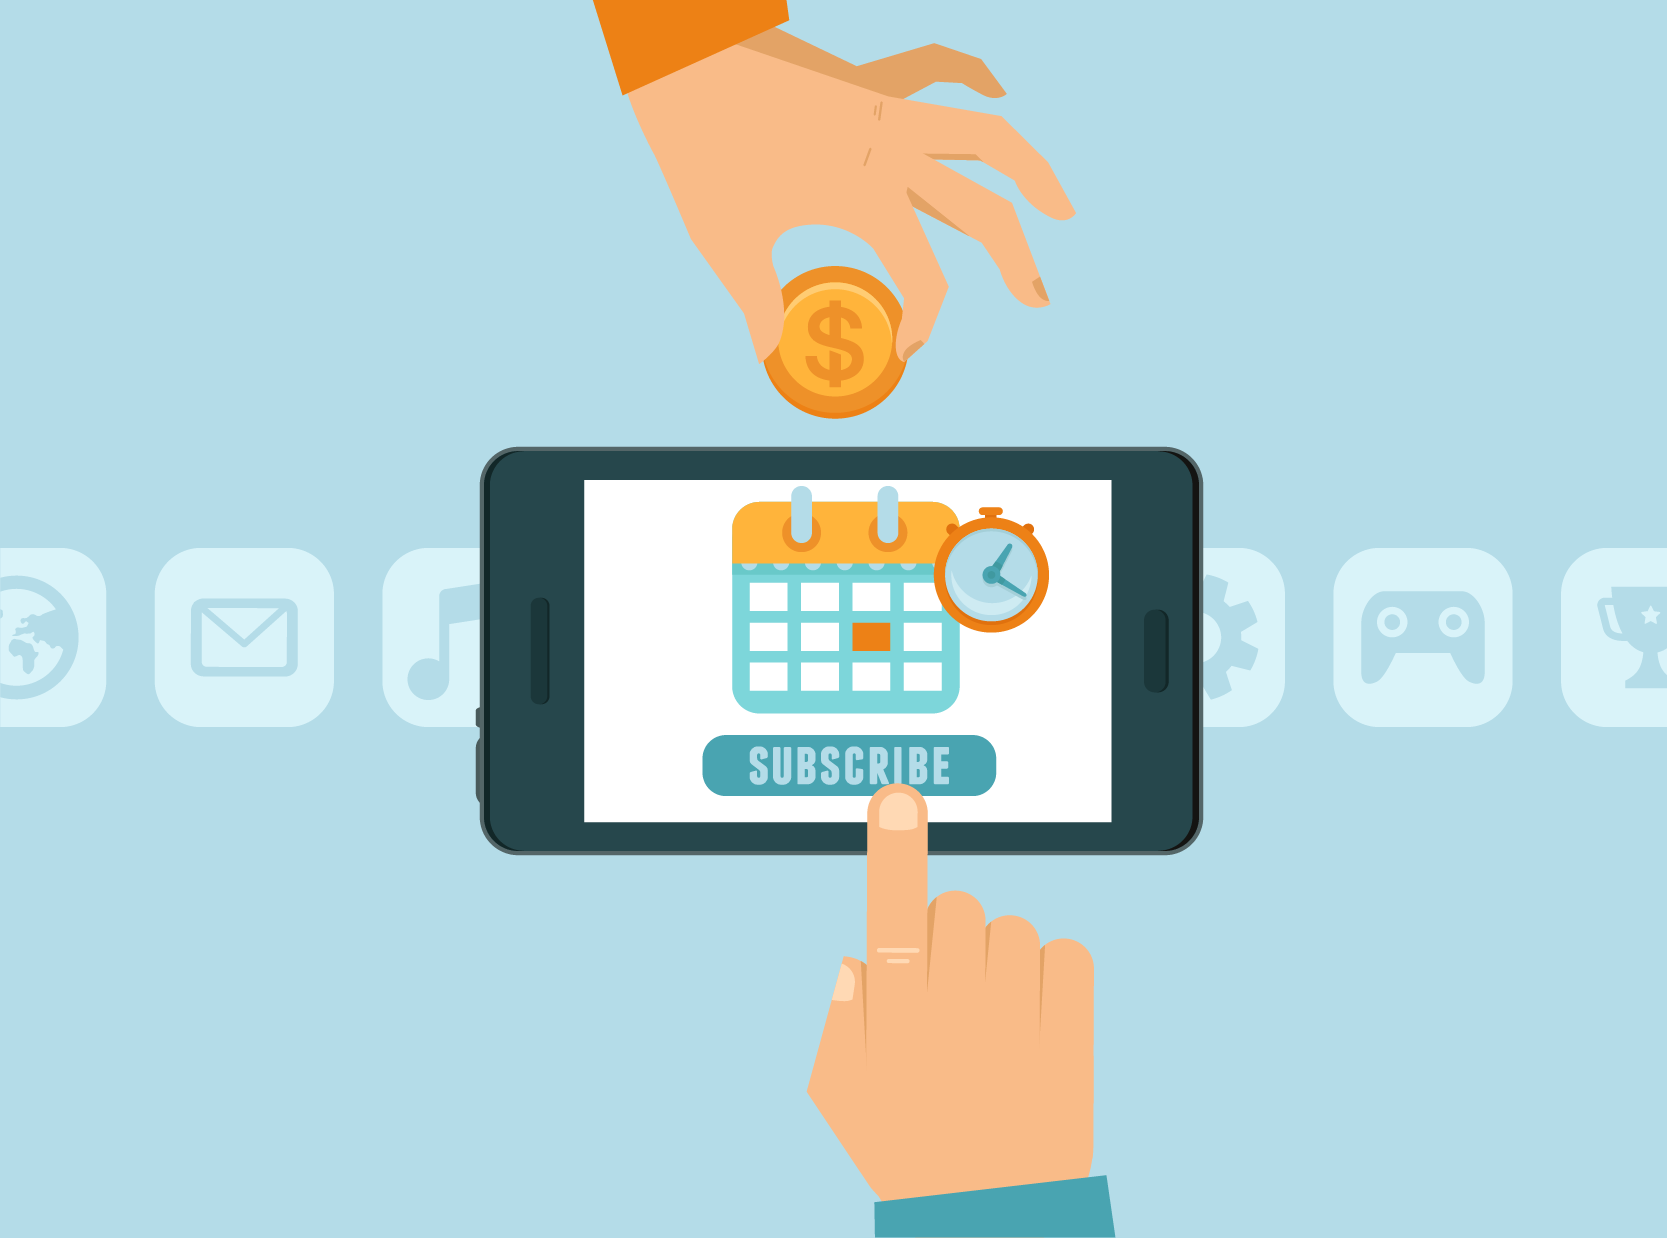 Создание ценности для потребителей и бизнеса через модель подписки